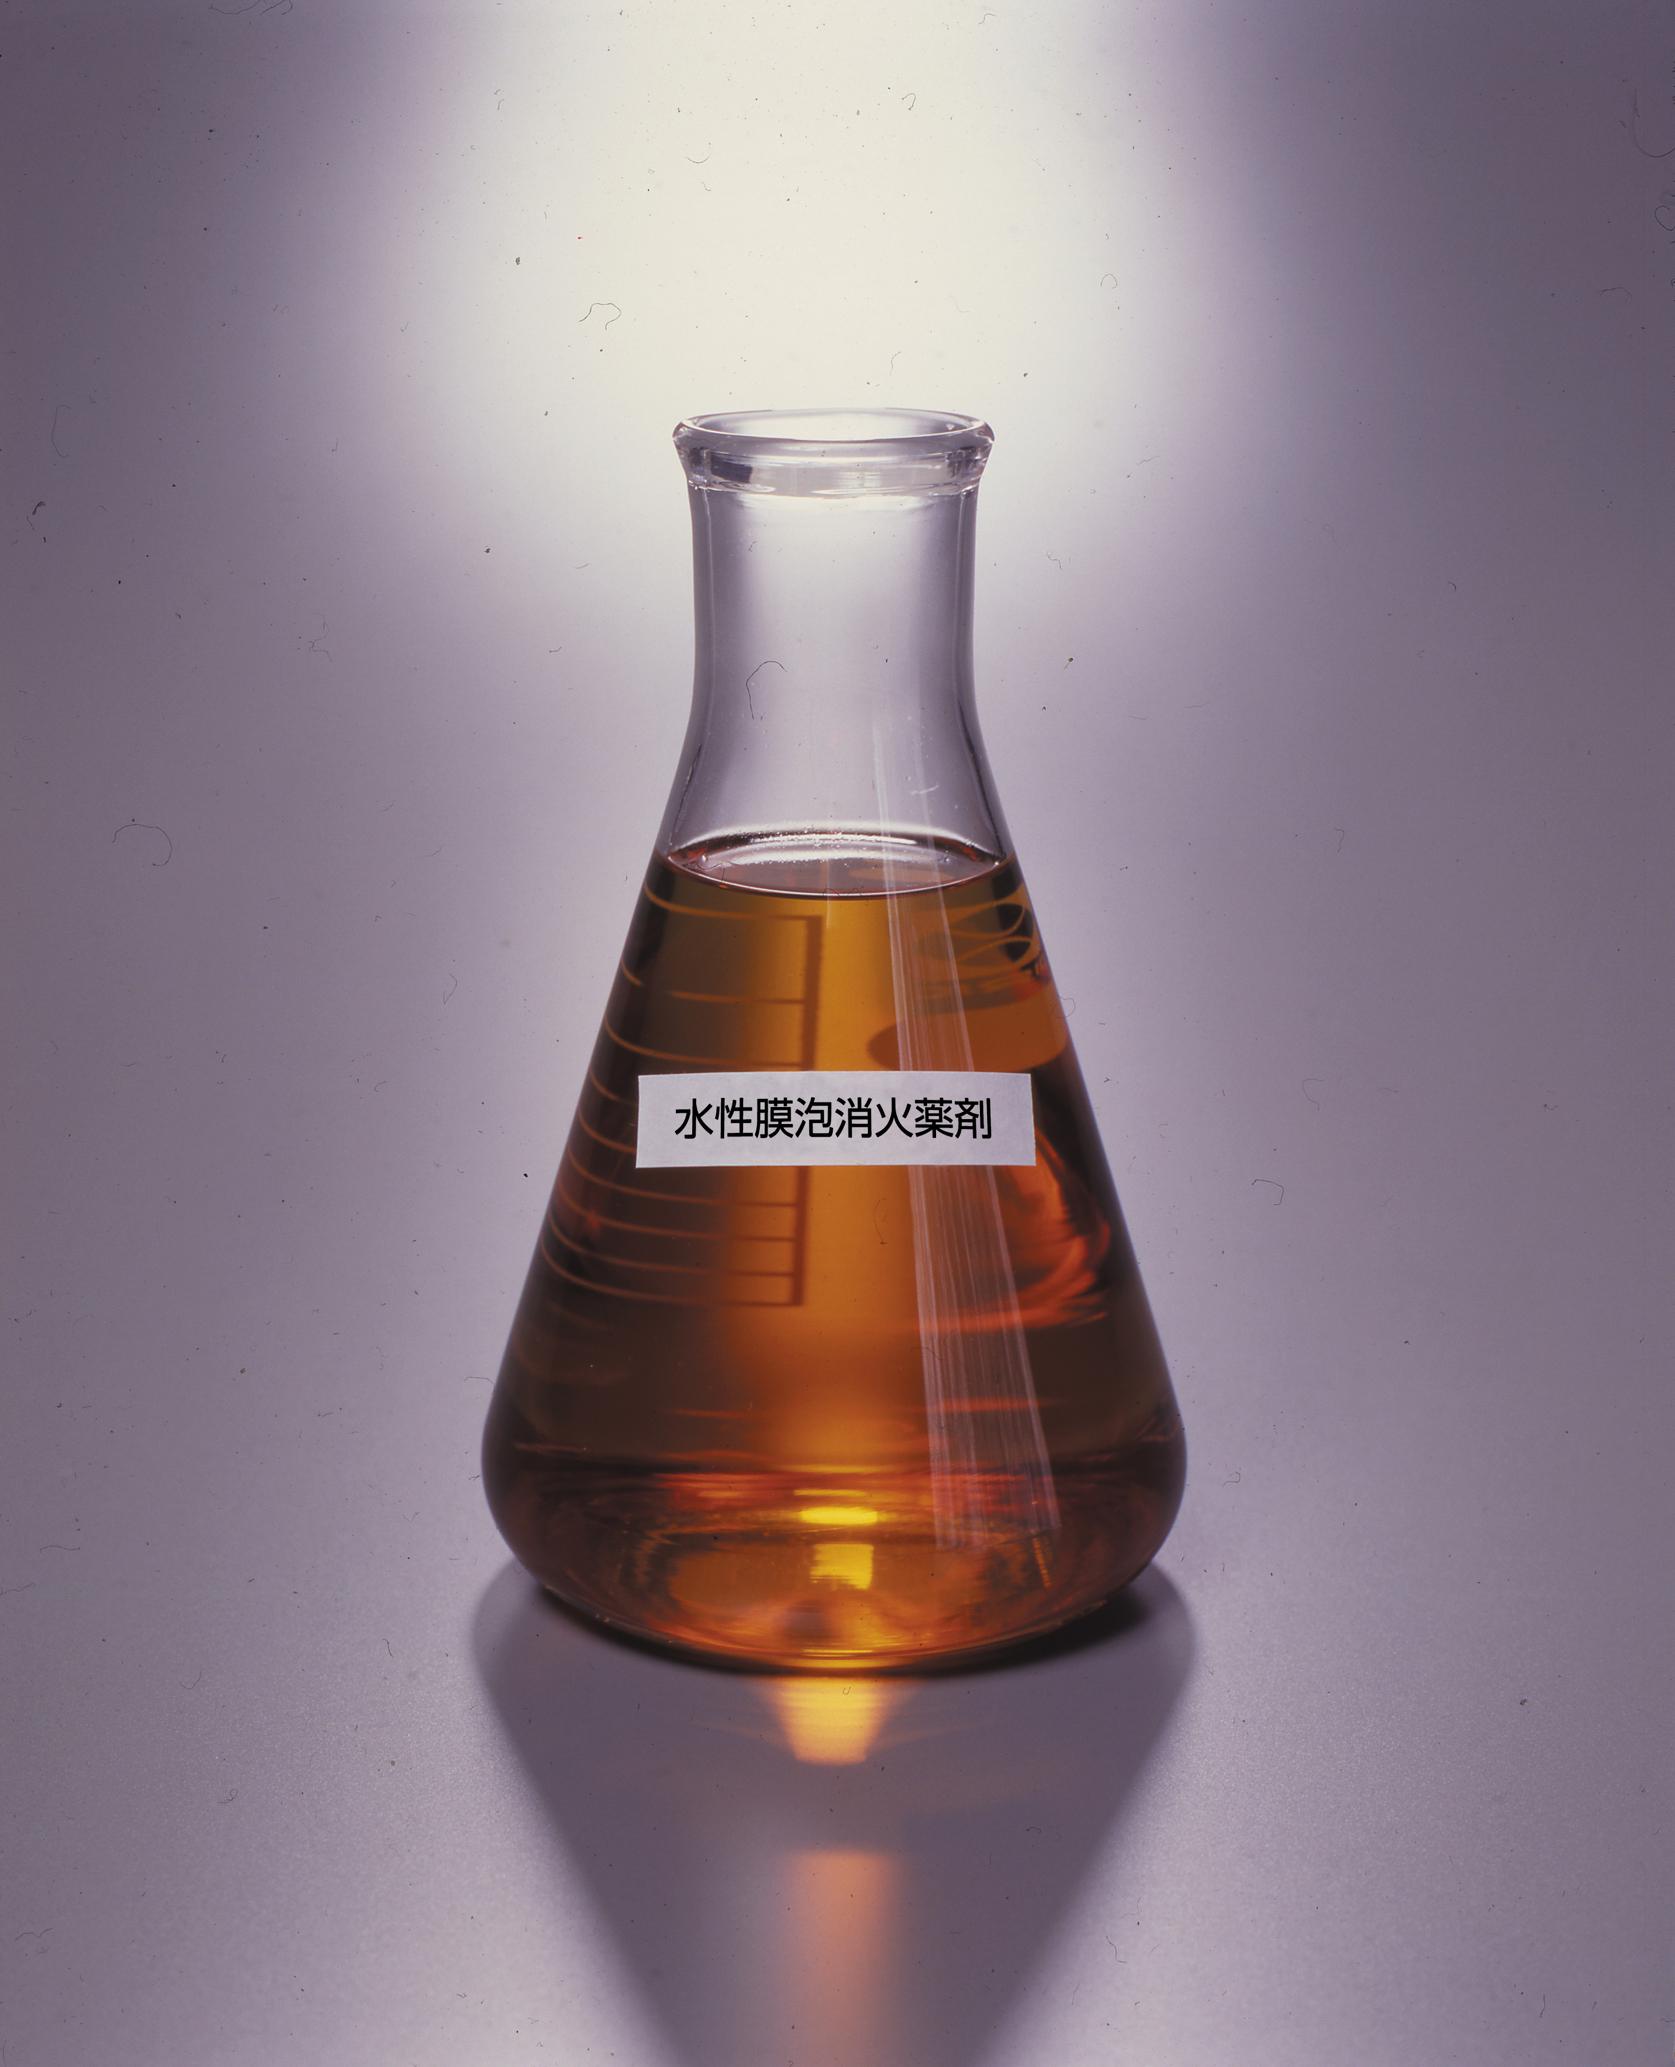 水成膜泡消火薬剤アルファフォーム310R